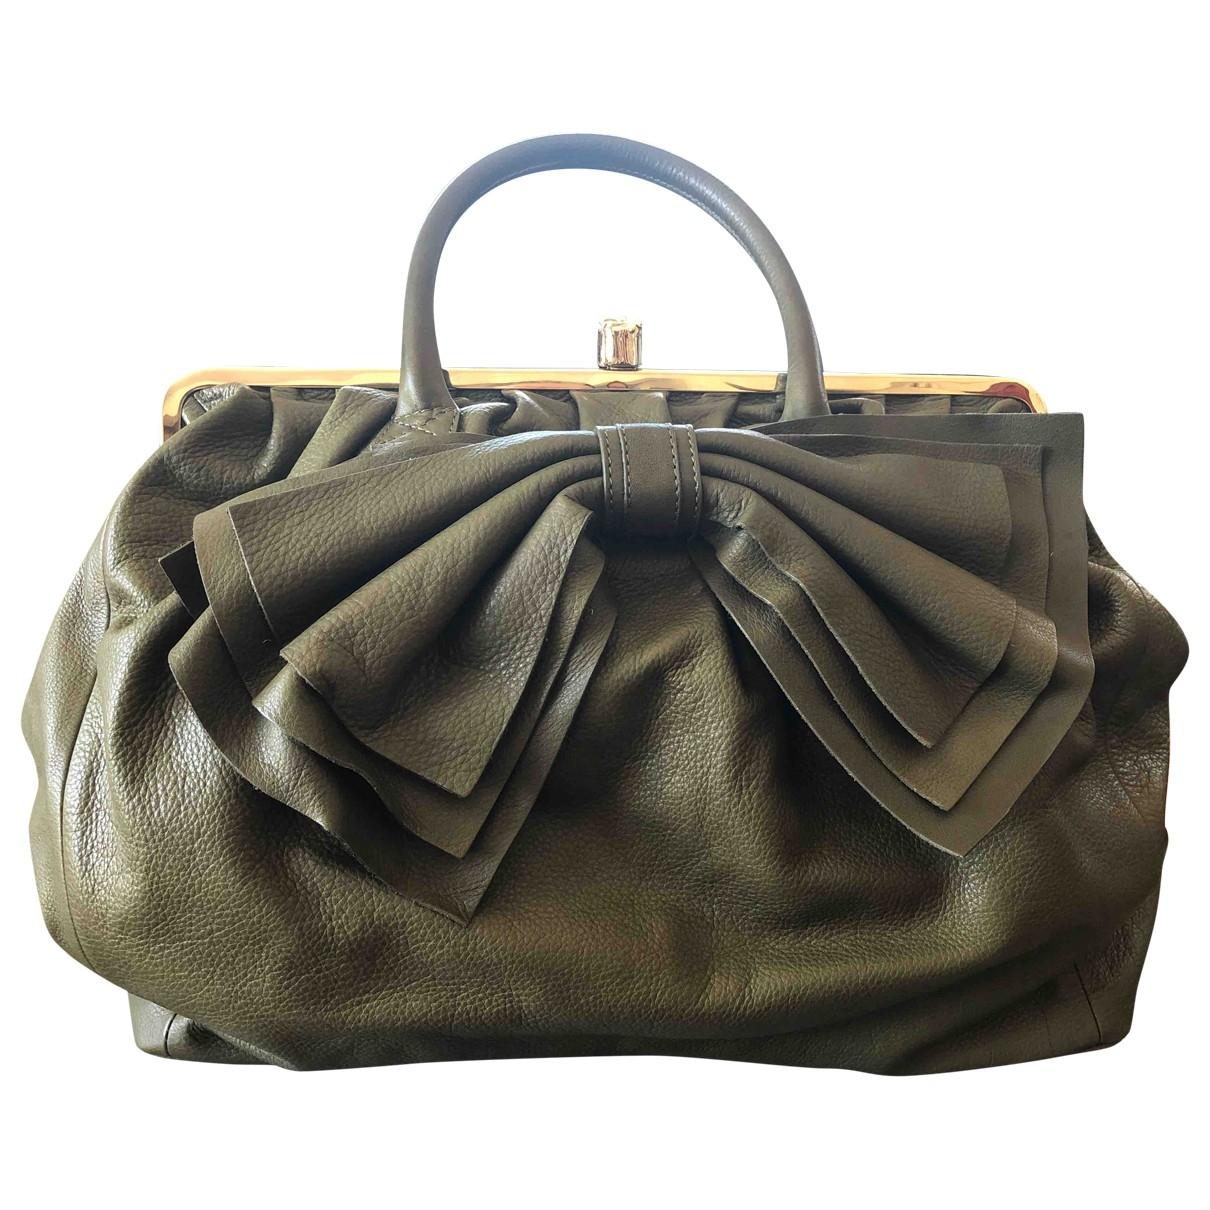 Red Valentino Garavani \N Handtasche in  Khaki Leder